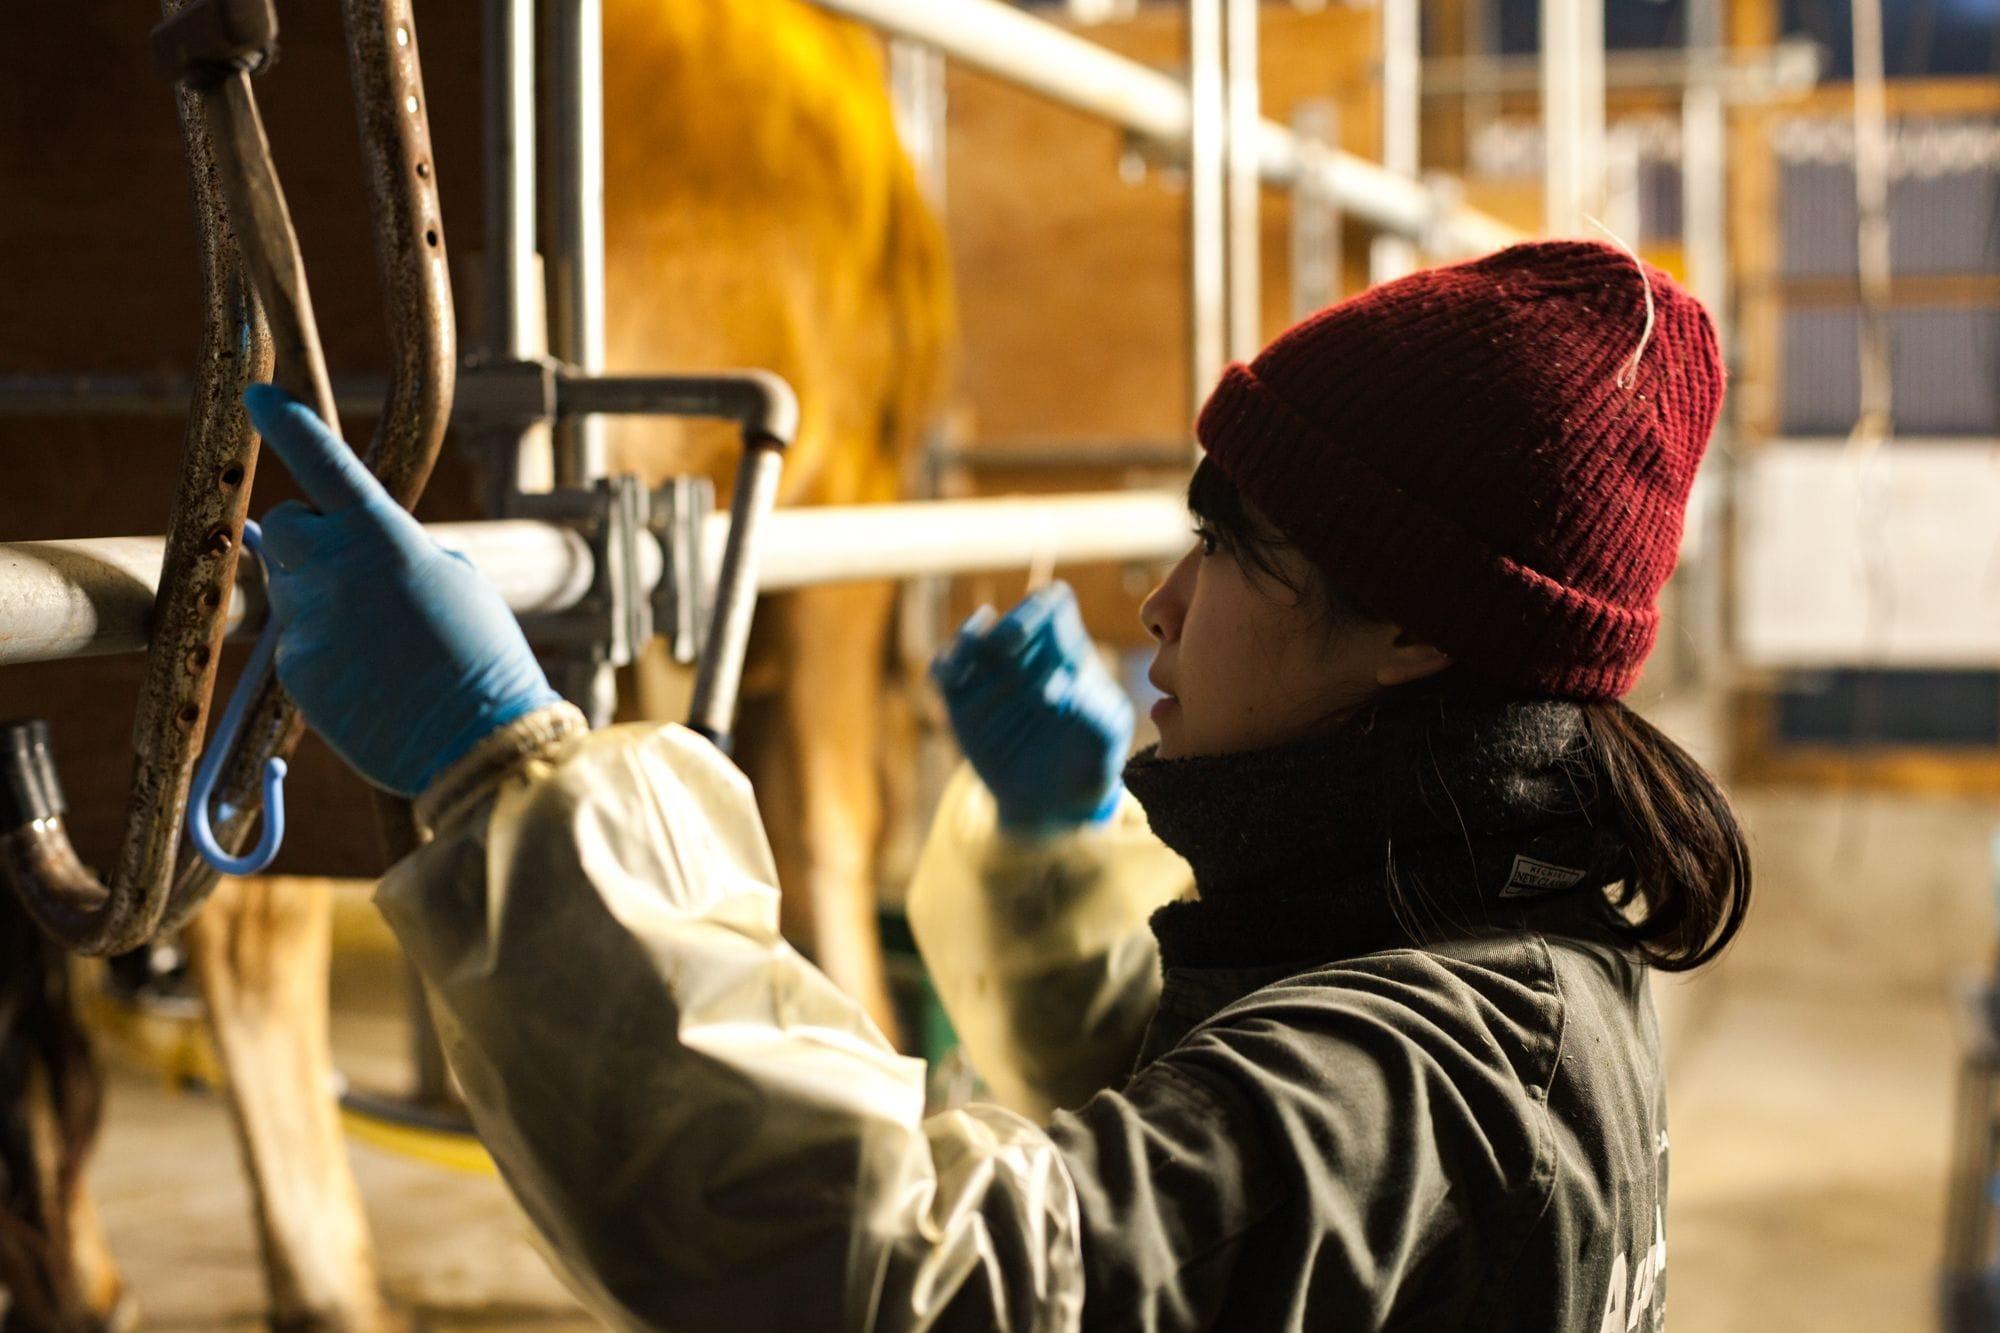 日本のほとんどの牧場が、牛舎で牛を育てているため、自然放牧をしている八丈島乳業には、全国から働き手の応募がある。全国の酪農家の平均年齢が55.1歳なのに対して、八丈島乳業の牧場スタッフは36.2歳。若い!